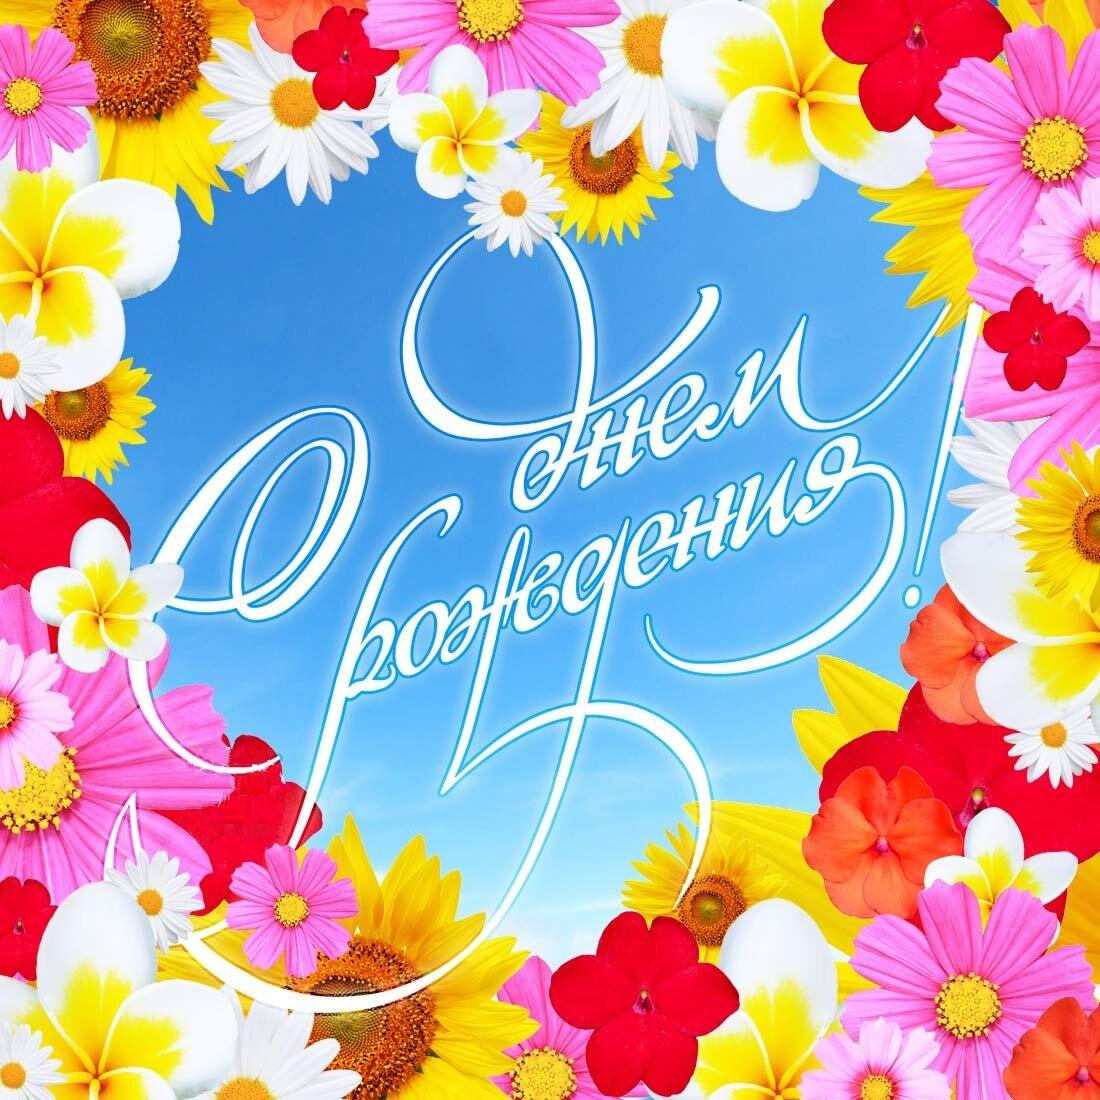 поздравляем с днем рождения цветы открытки его можно, если